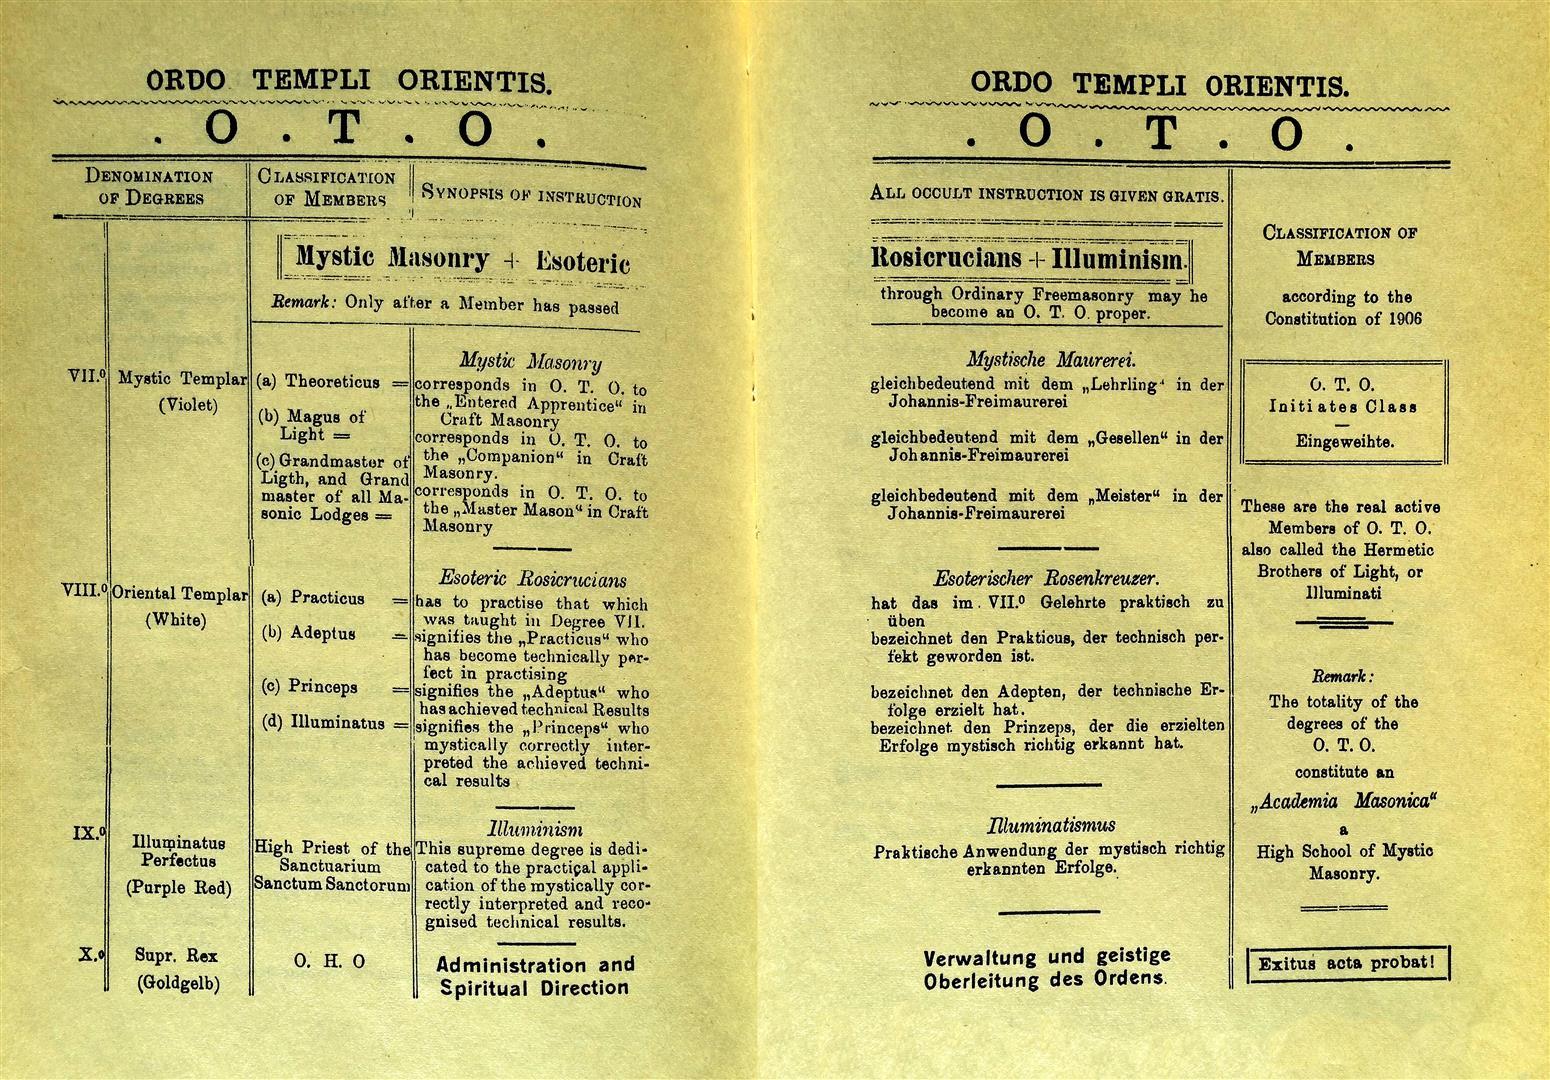 O.T.O. Les Frères de Lumière dans les Sept Églises d'Asie - Ordo Templi Orientis